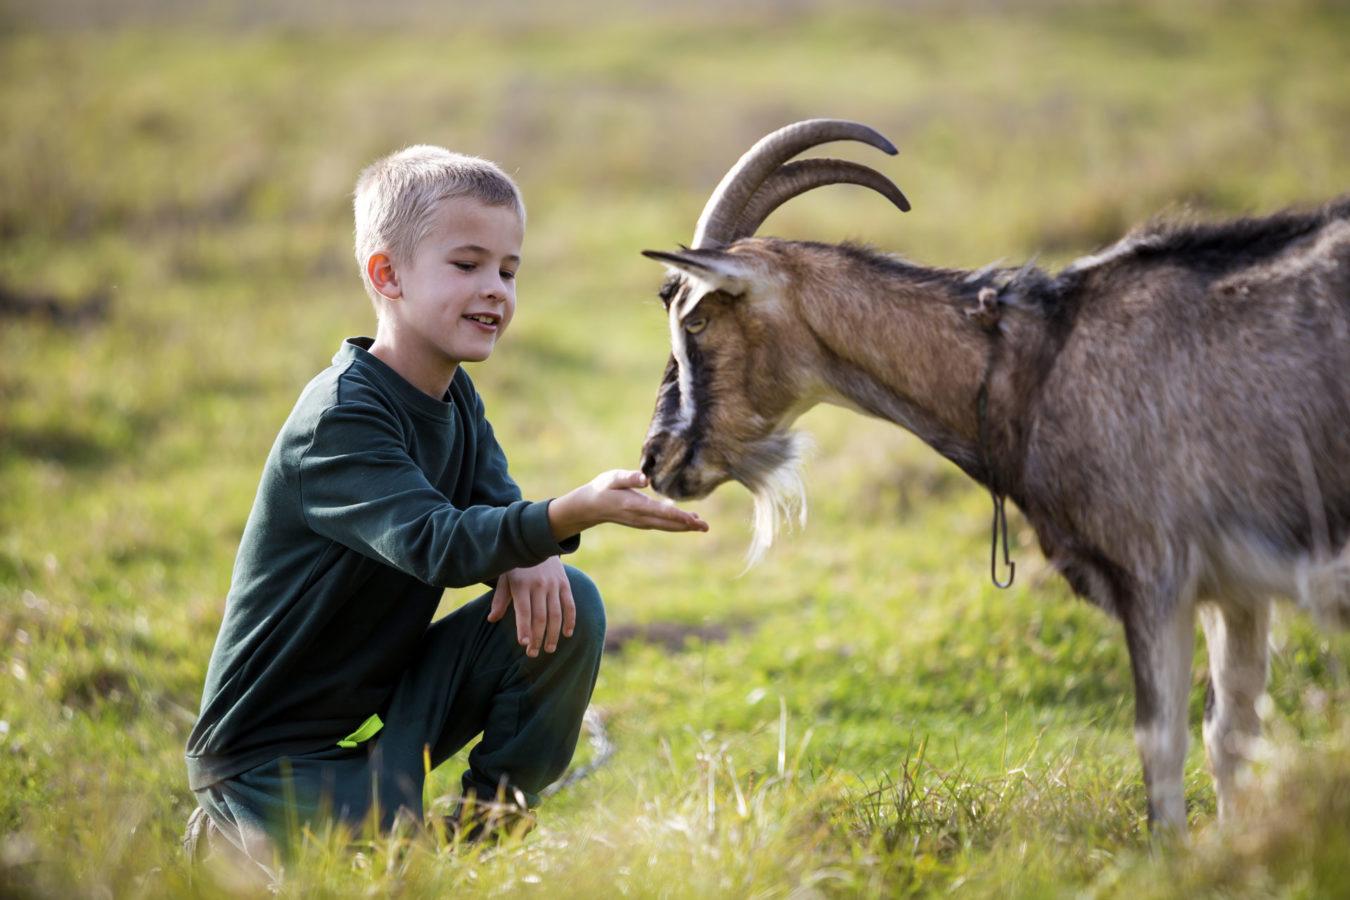 enfant avec chèvre